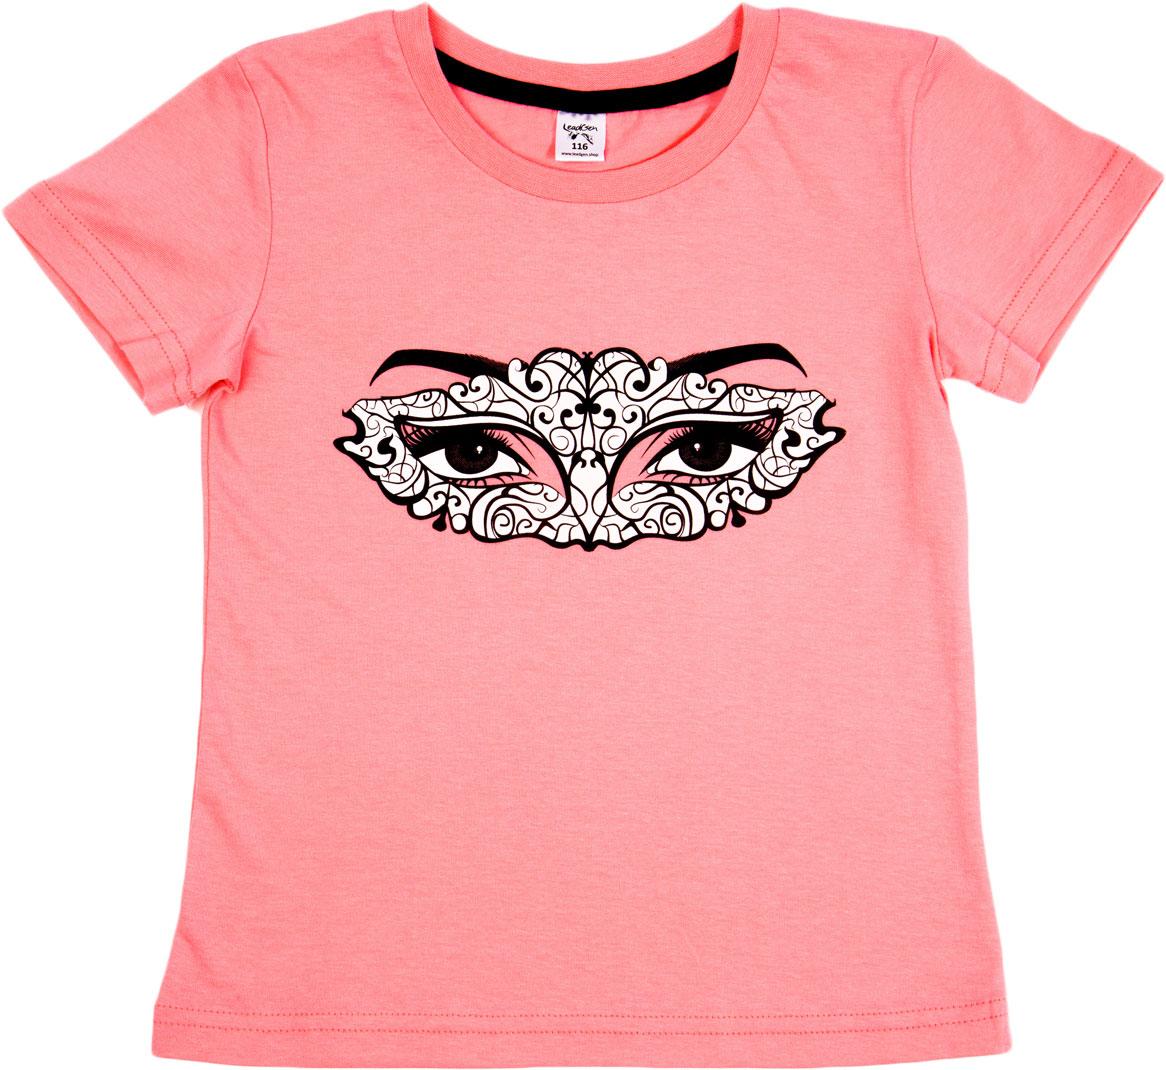 Футболка для девочки LeadGen, цвет: розовый. G613049016-171. Размер 110G613049016-171Футболка для девочки LeadGen выполнена из натурального хлопкового трикотажа. Модель с короткими рукавами и круглым вырезом горловины спереди оформлена принтом.